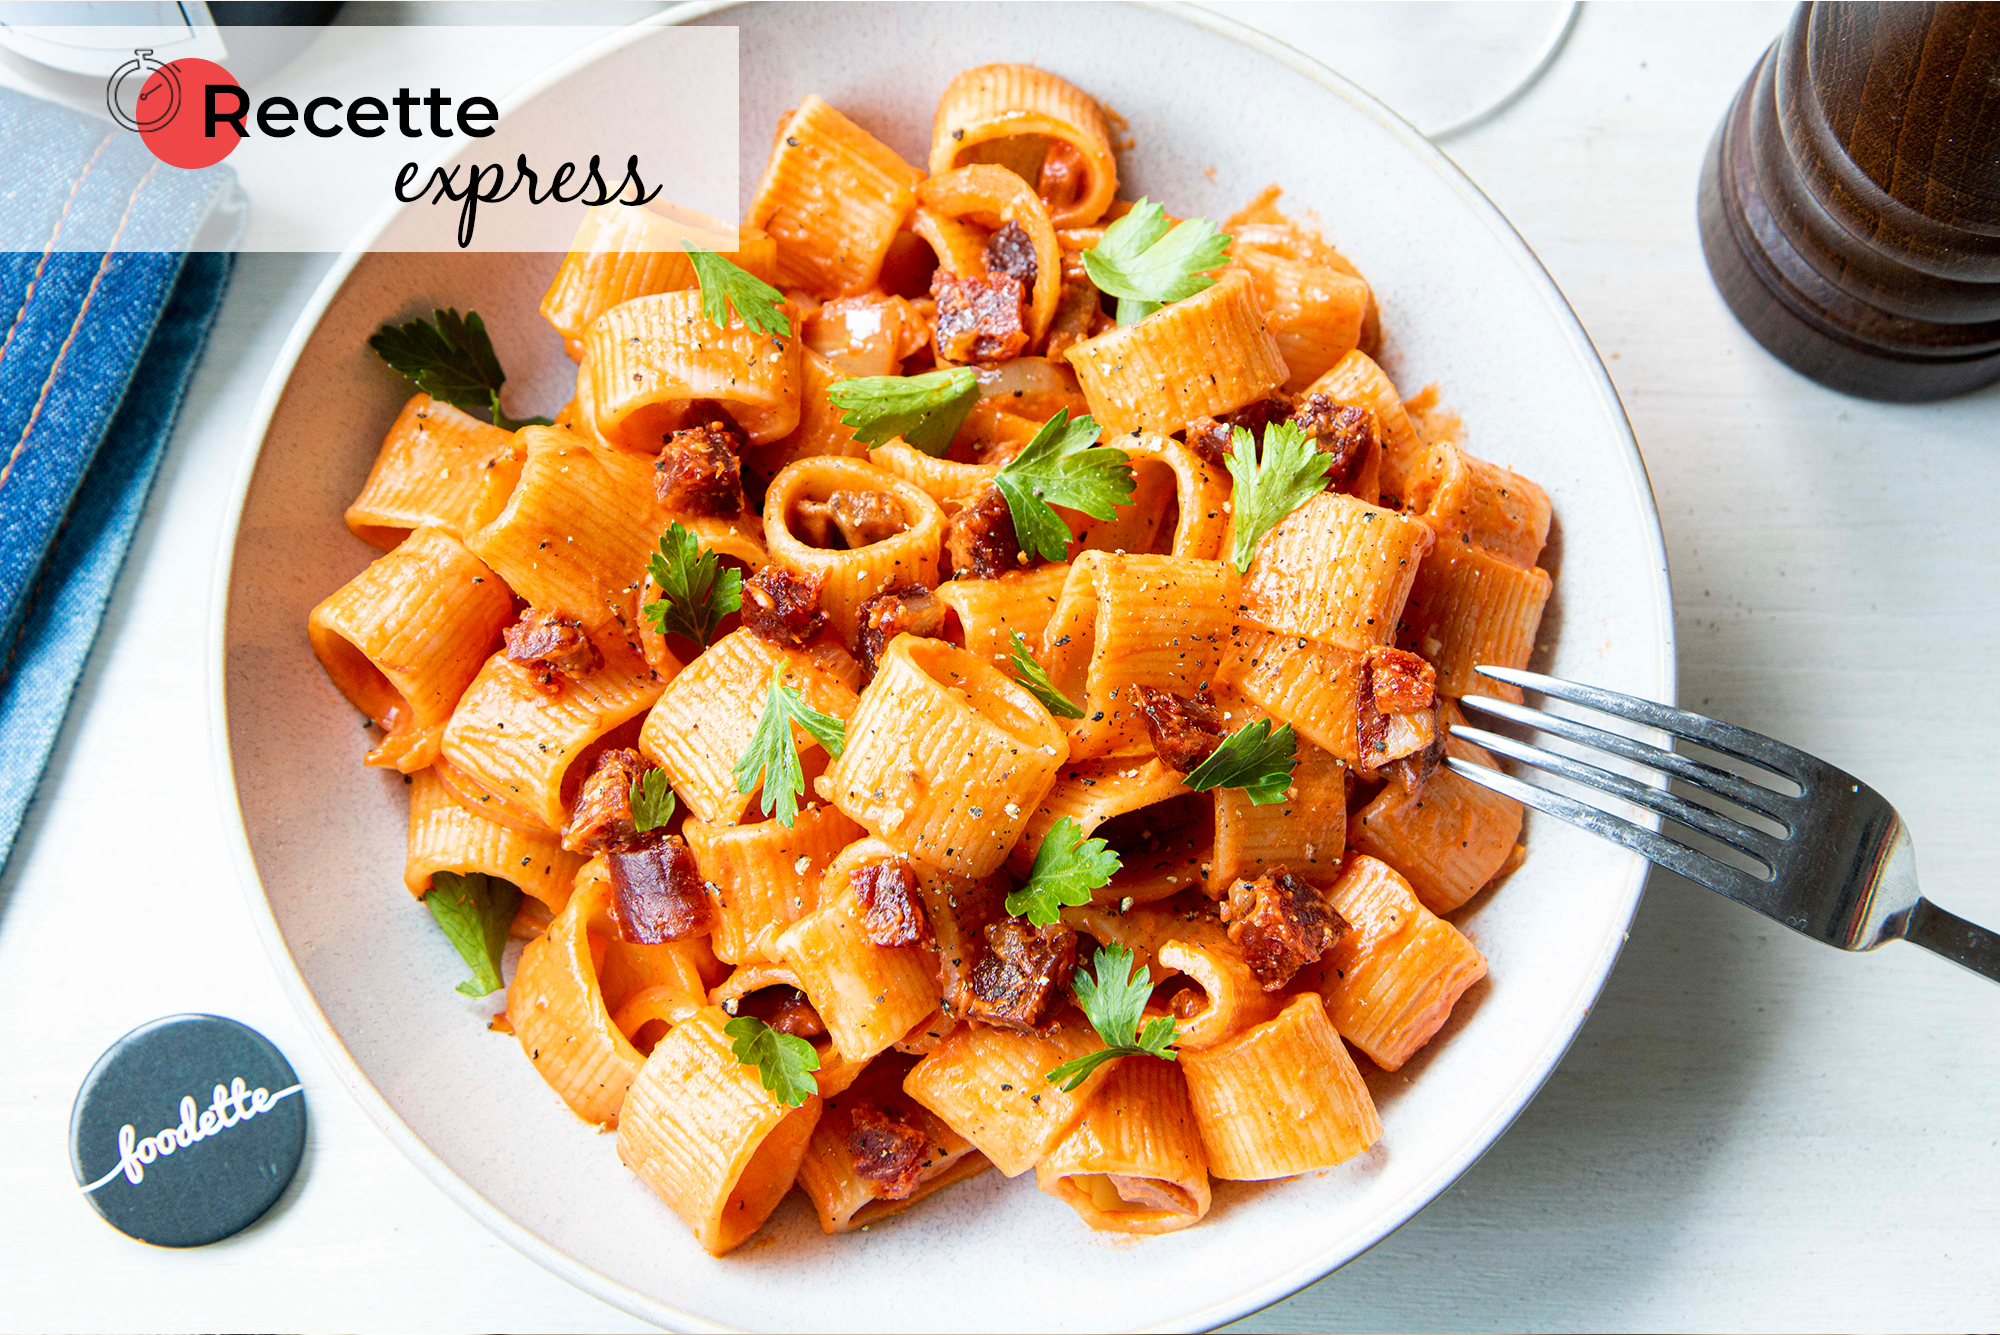 Cannelloni rigate et crème au chorizo